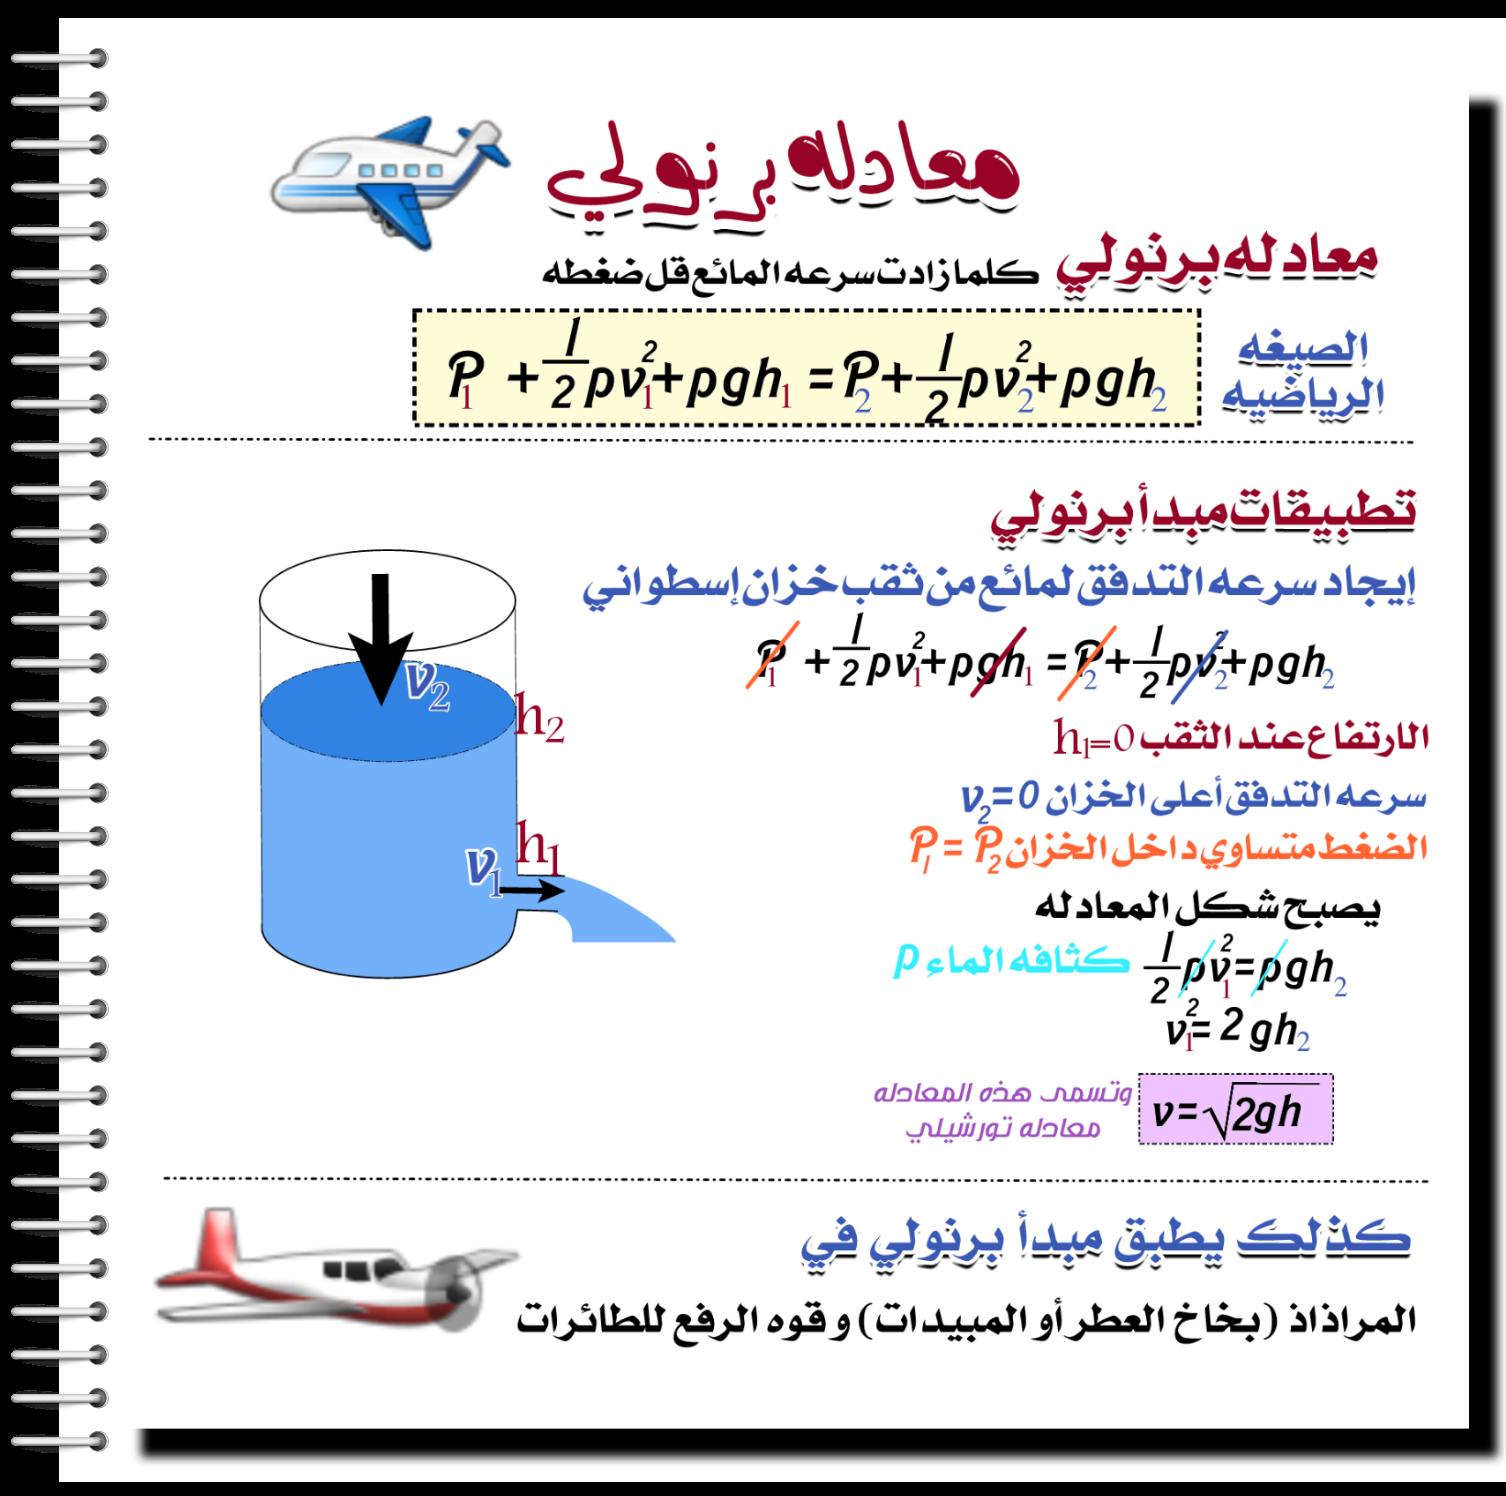 معادلة برنولي ميكانيكا الموائع Shms Saudi Oer Network